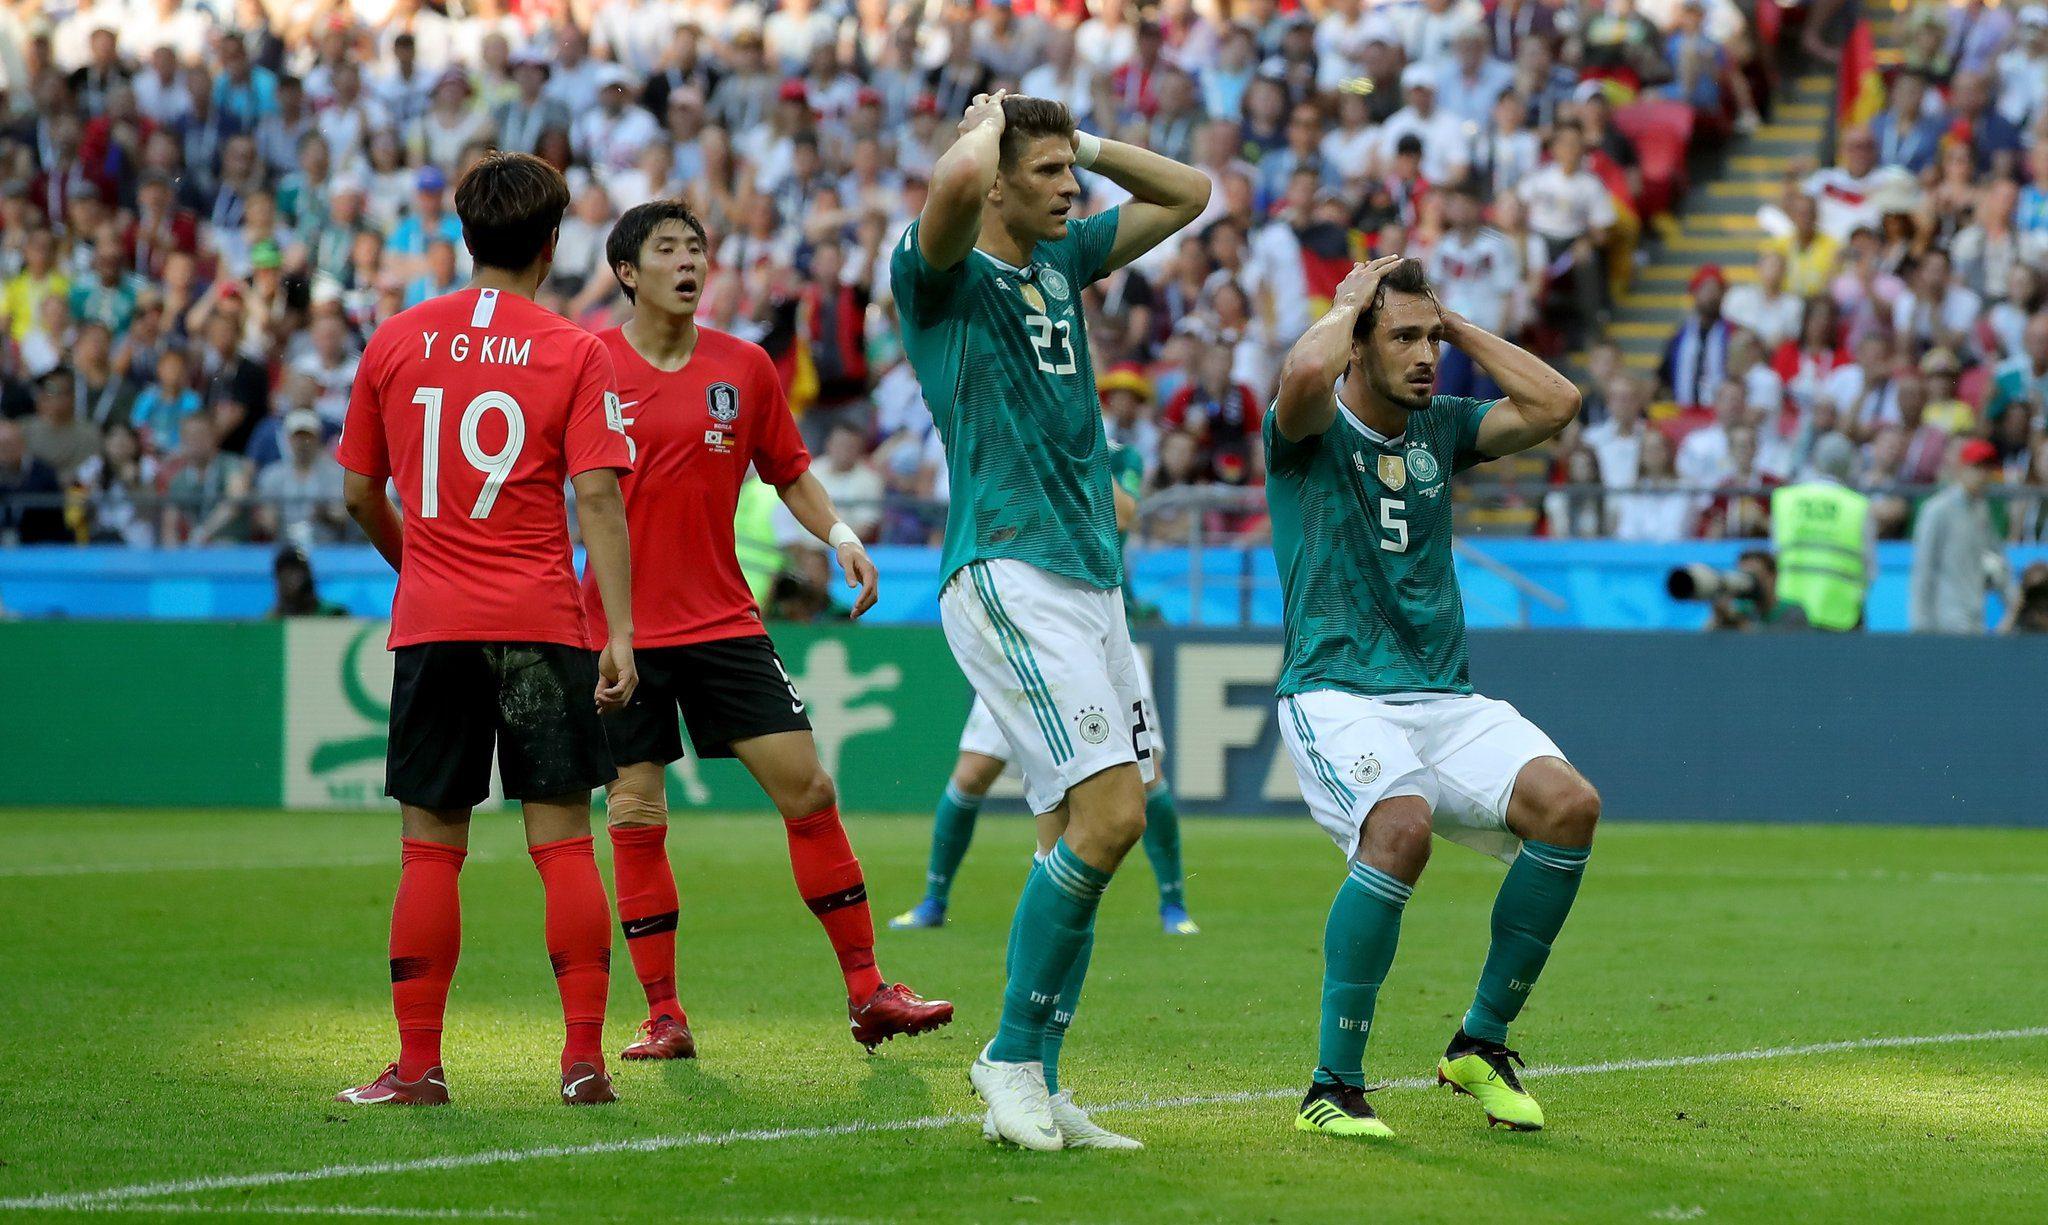 Η Γερμανία έπεσε στην 15η θέση της FIFA! - Sportime.GR